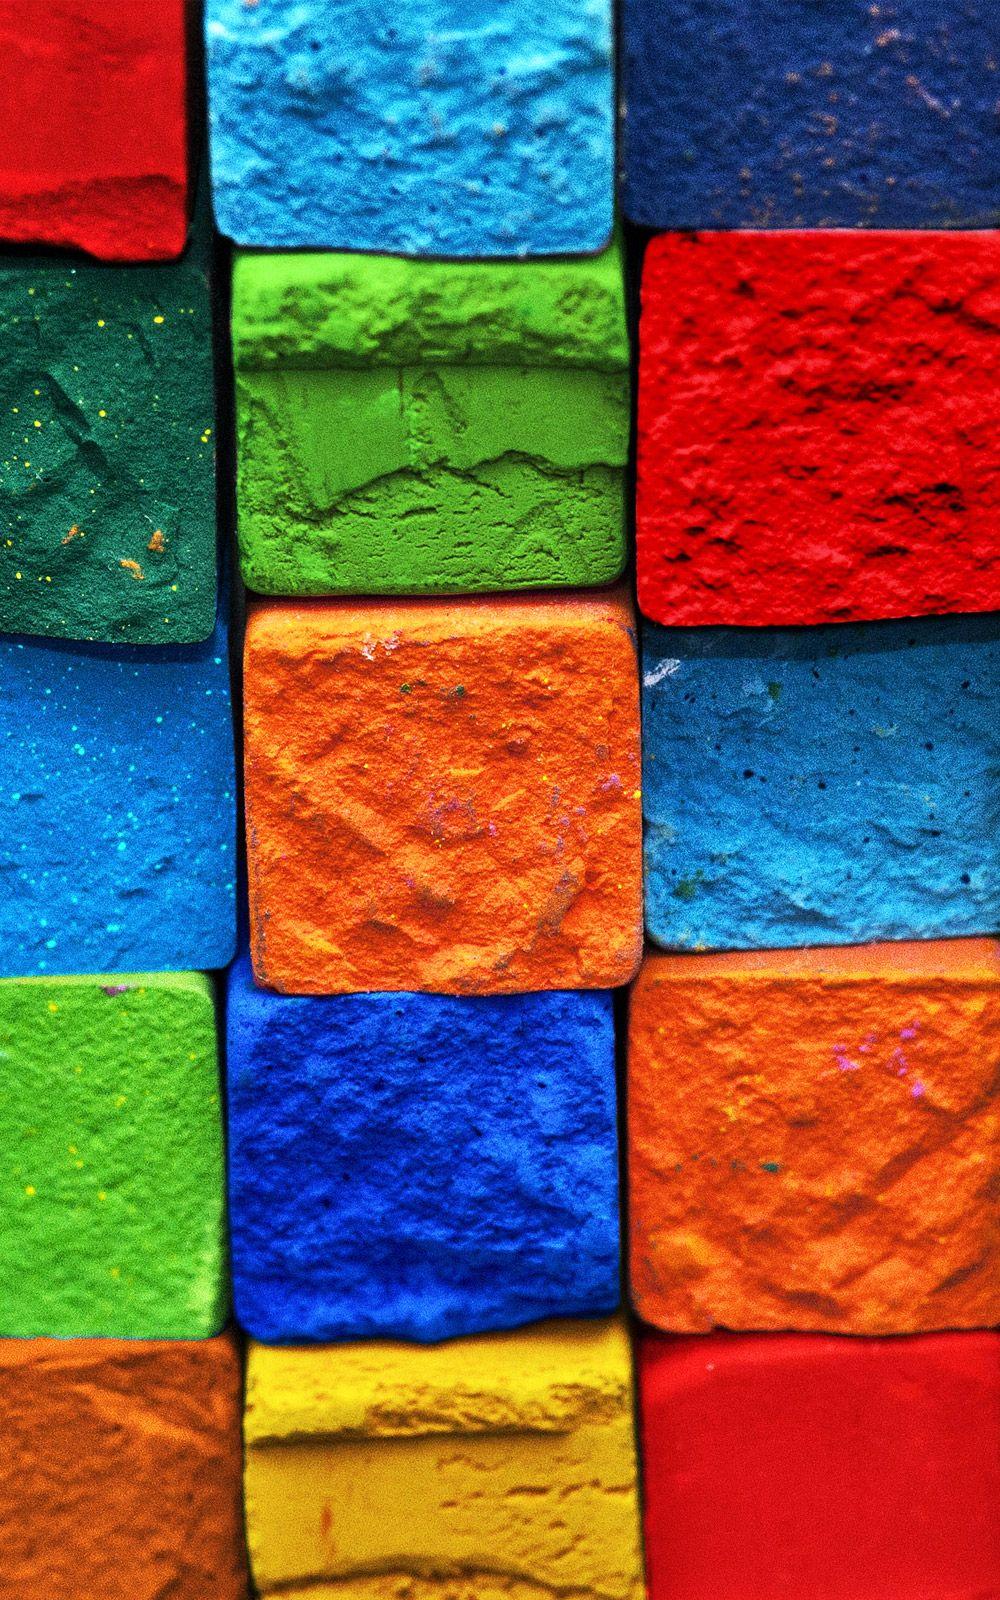 Colorful Brick Mobile Wallpaper Wallpaper In 2019 Wallpaper Mobile Wallpaper Iphone Wallpaper